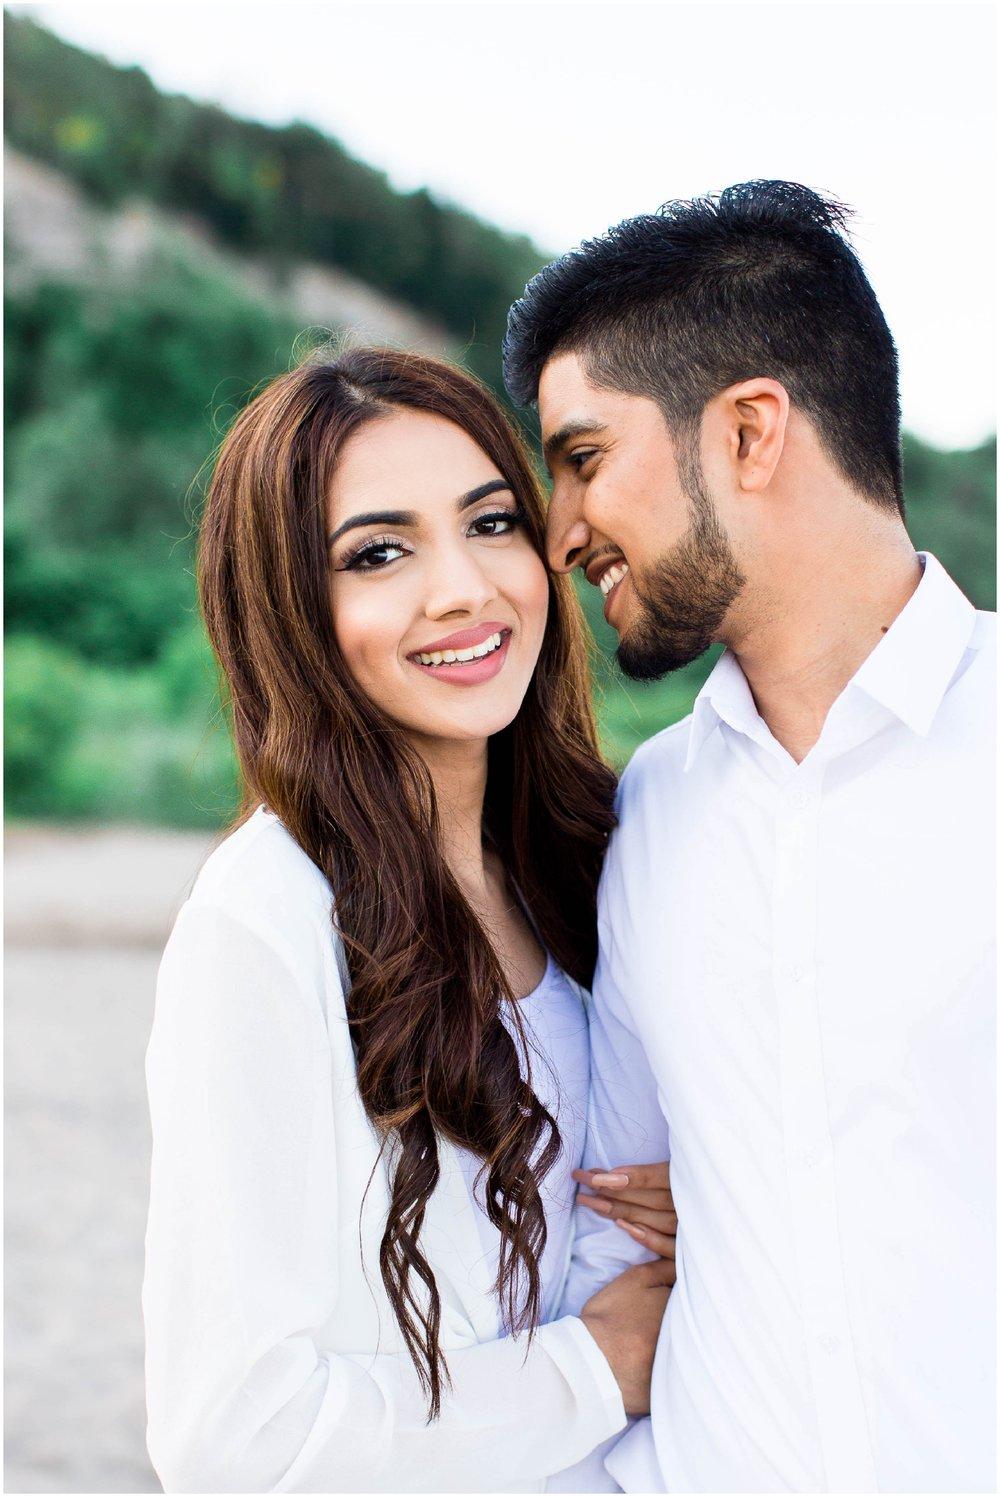 2017-Engagements-Toronto-Mississauga-GTA-Pakistani-Indian-Wedding-Photography-Photographer_0059.jpg